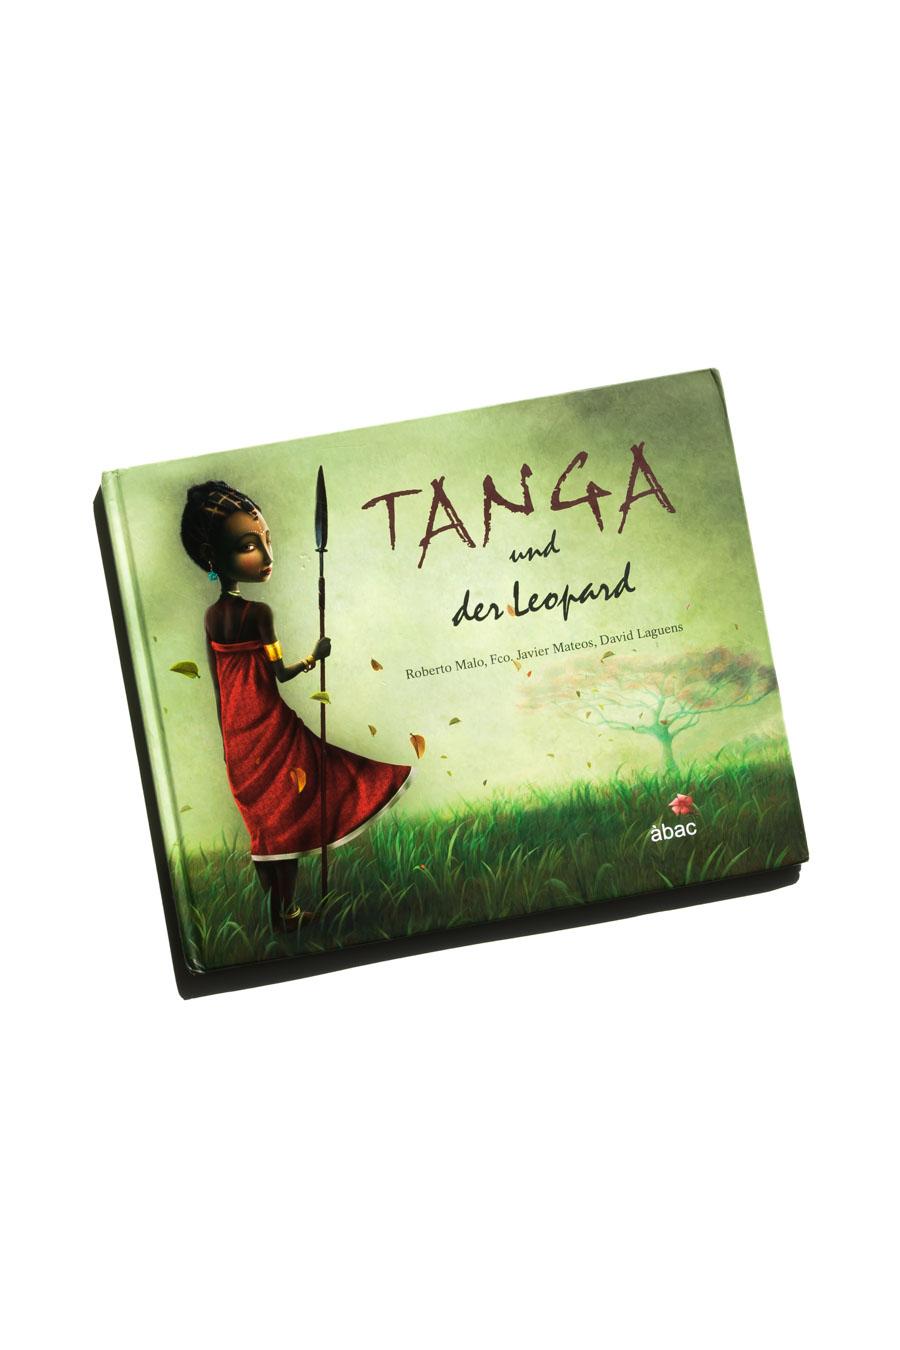 Tanga und der Leopard, Roberto Malo, Ein Bucher über starke Mädchen. Ein Bilderbuch das frei von Sexismus und Genderismus ist. Feminismus und Gleichstellung in Kinderbüchern. Mehr auf dem Blog: www.chezmamapoule.com